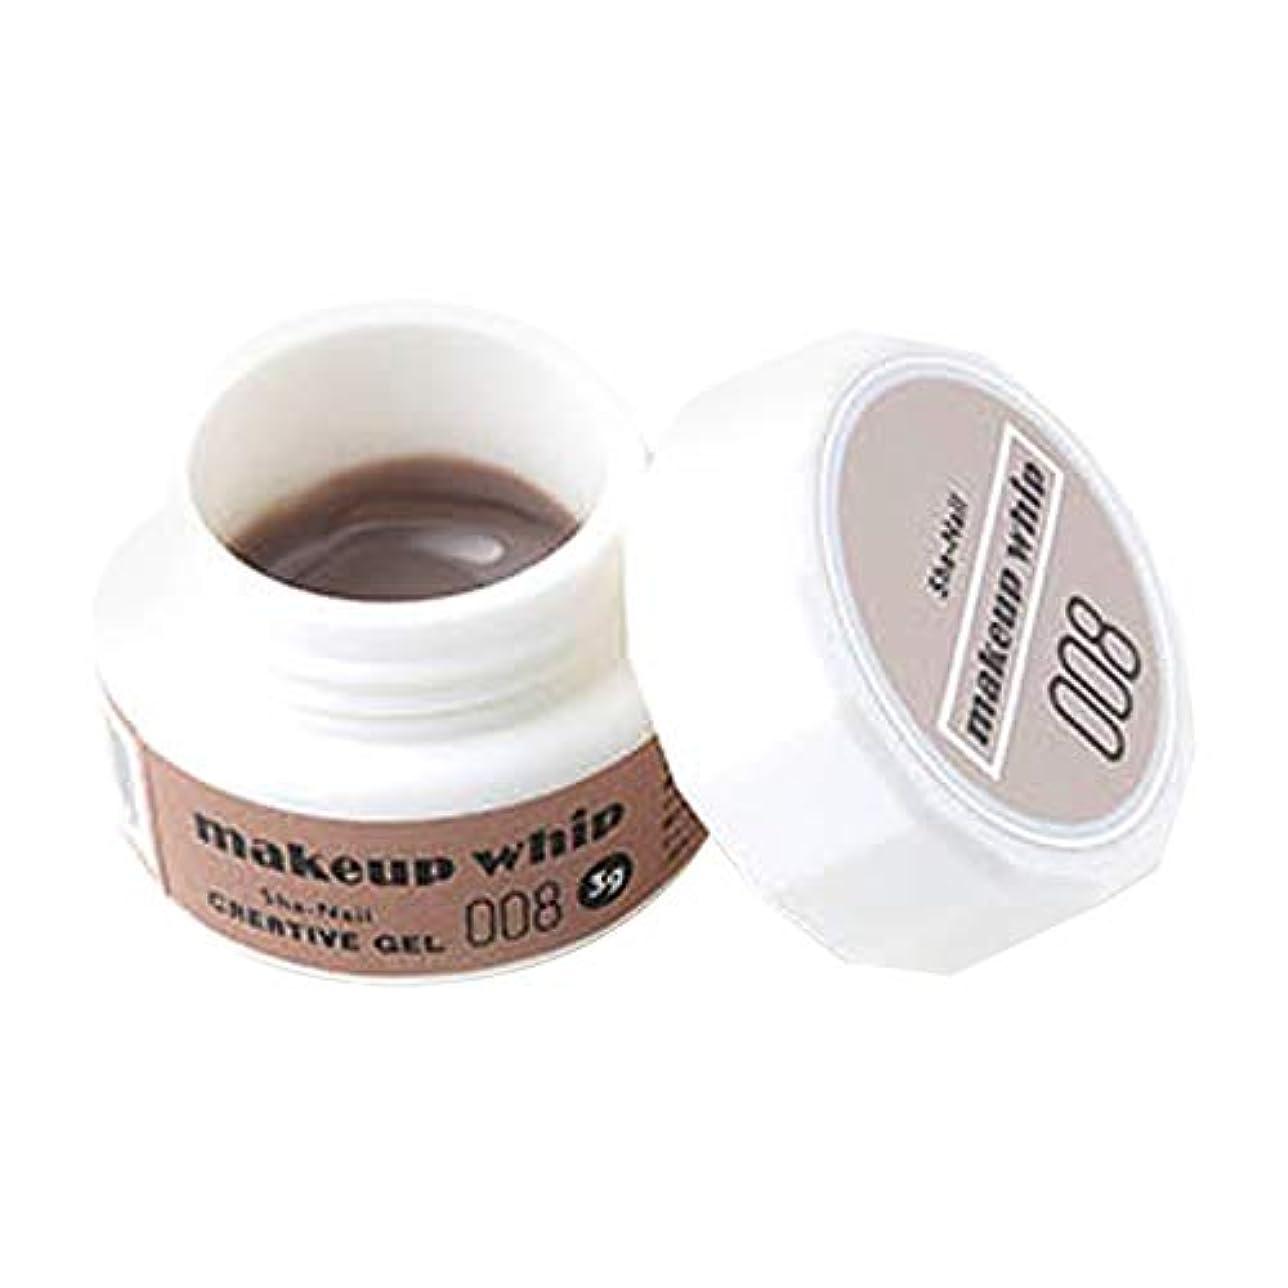 吸収剤受け入れ熟読するSha-Nail Creative Gel カラージェル 3g 008 トープ UV/LED対応